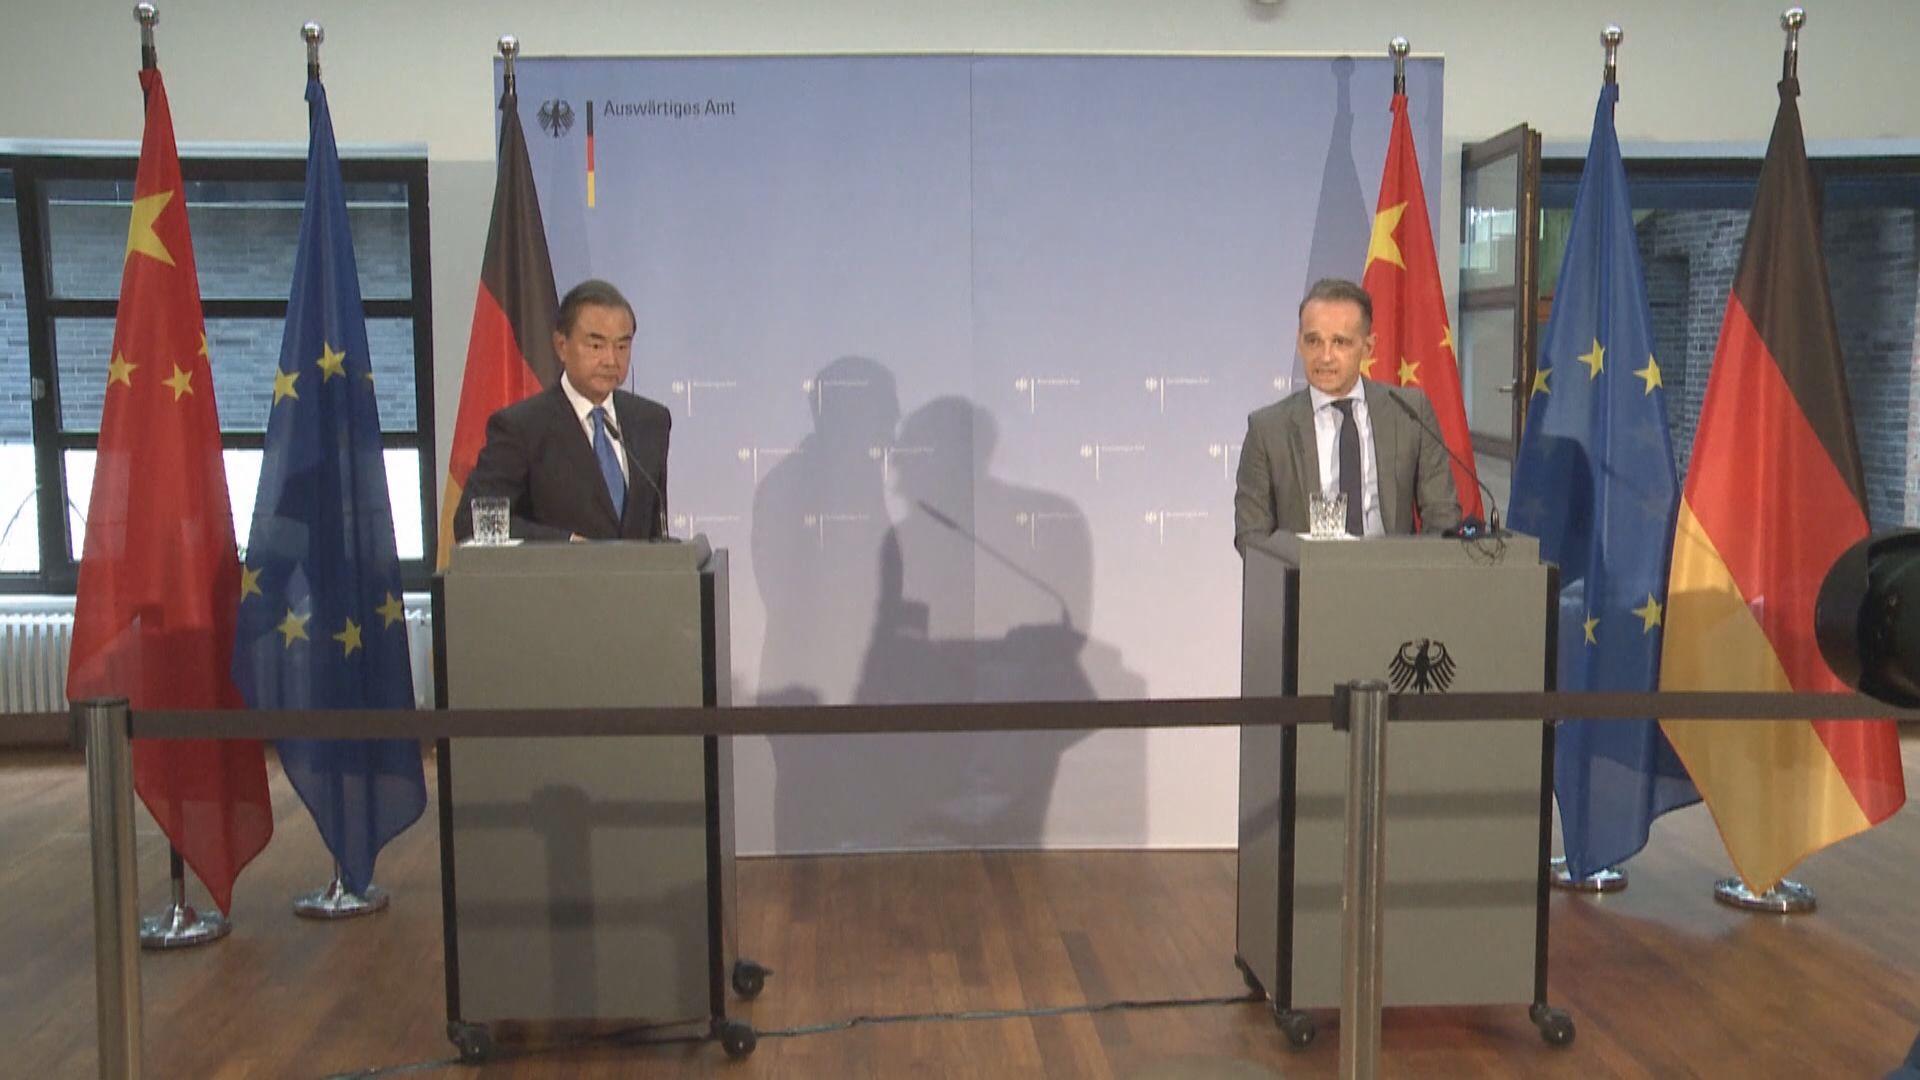 德國反對歐盟與中國全面脫鈎